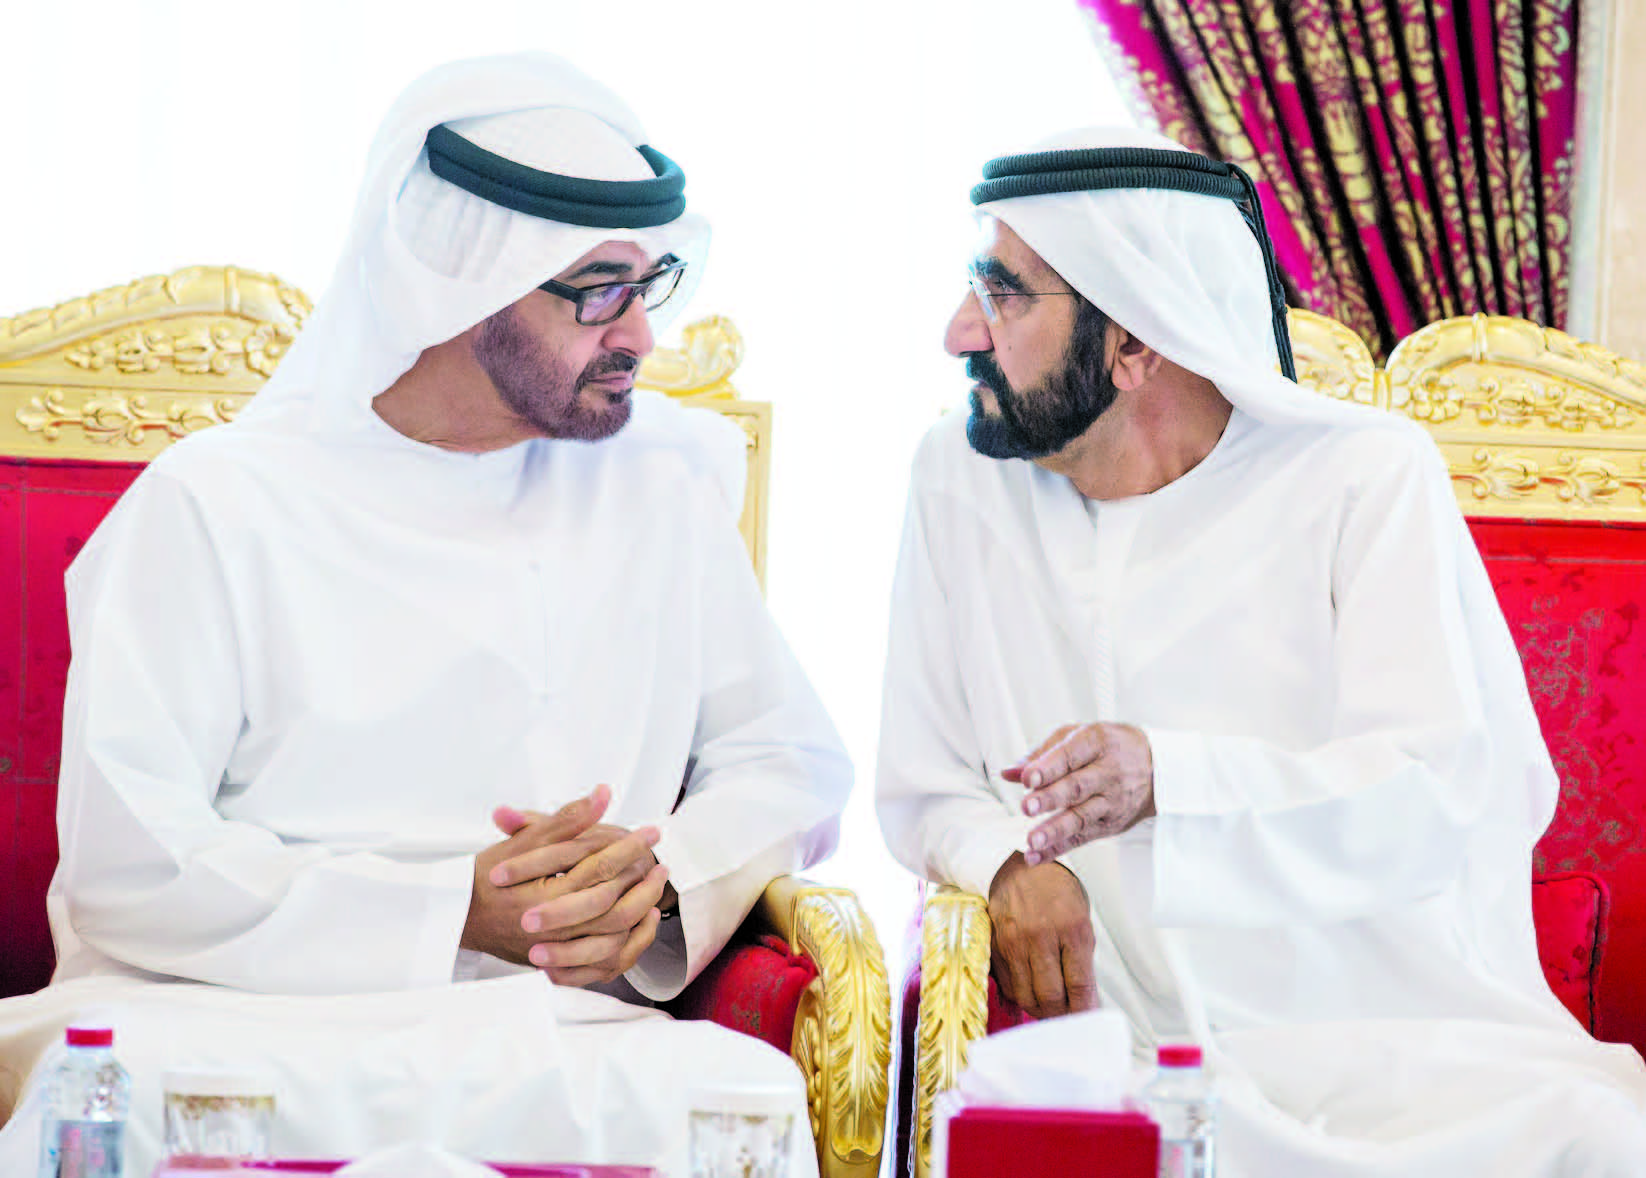 بن زاید بن راشد - اختلاف بن زاید و بن راشد؛ بحث داغ اماراتی ها!